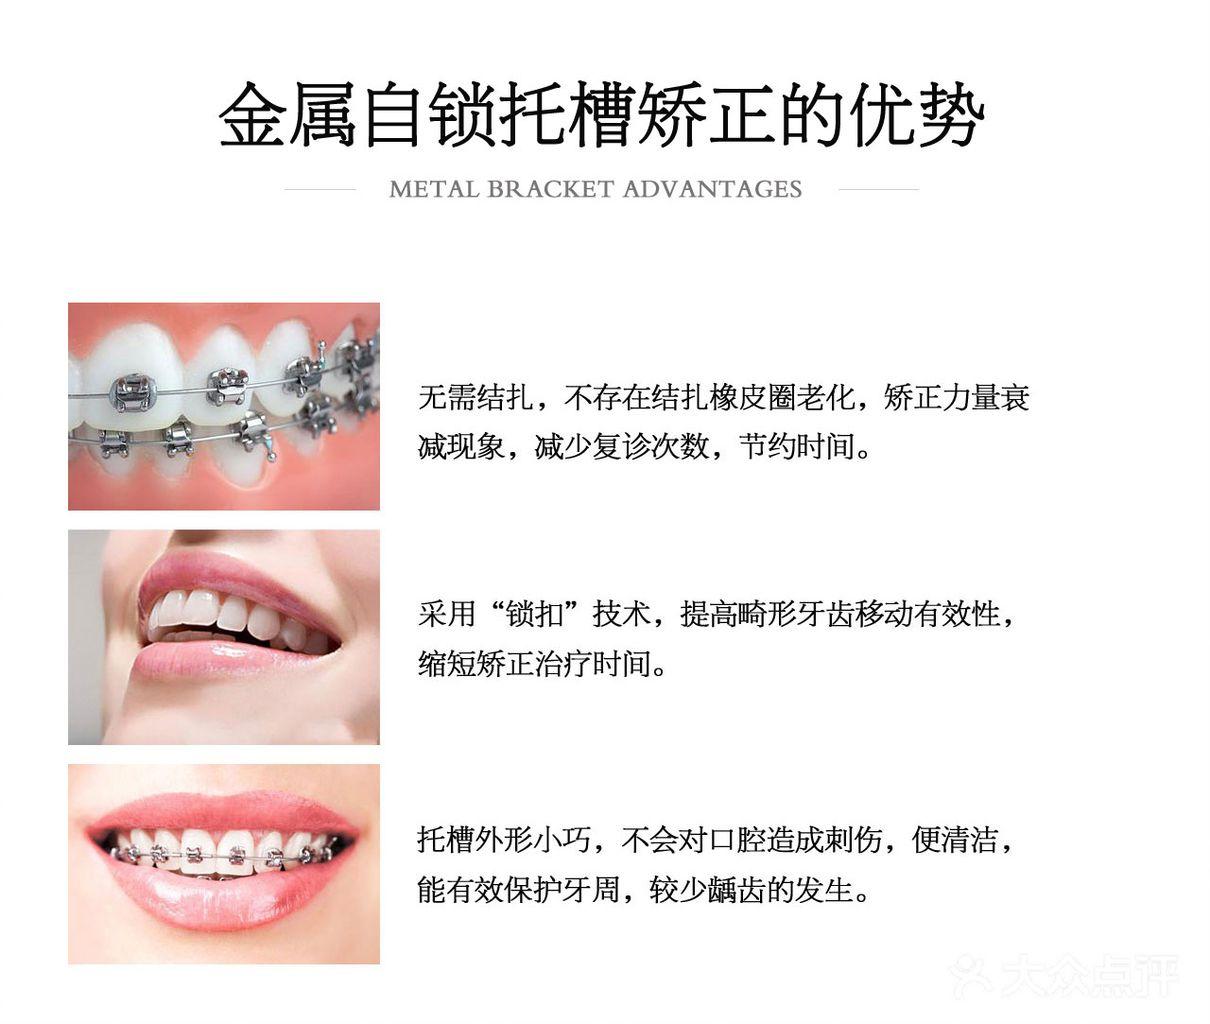 【李医生口腔诊所】畸牙矫正 牙齿矫正  整牙矫正_精彩生活>>丽人时尚>>口腔护理